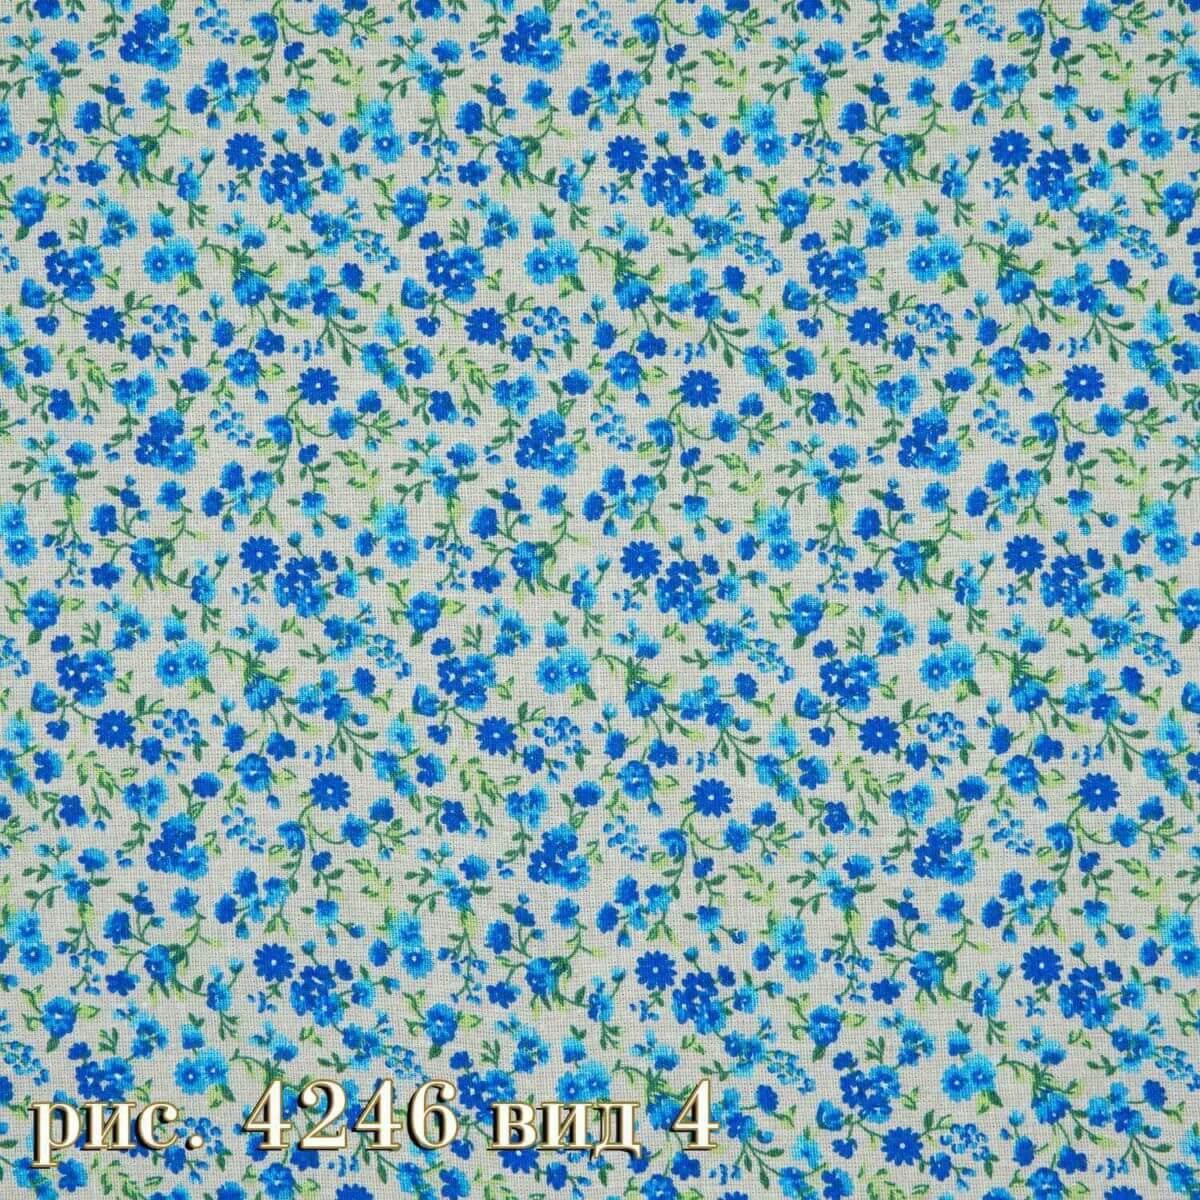 Фото 23 - Плательная ткань бязь 220 см (4246/11).